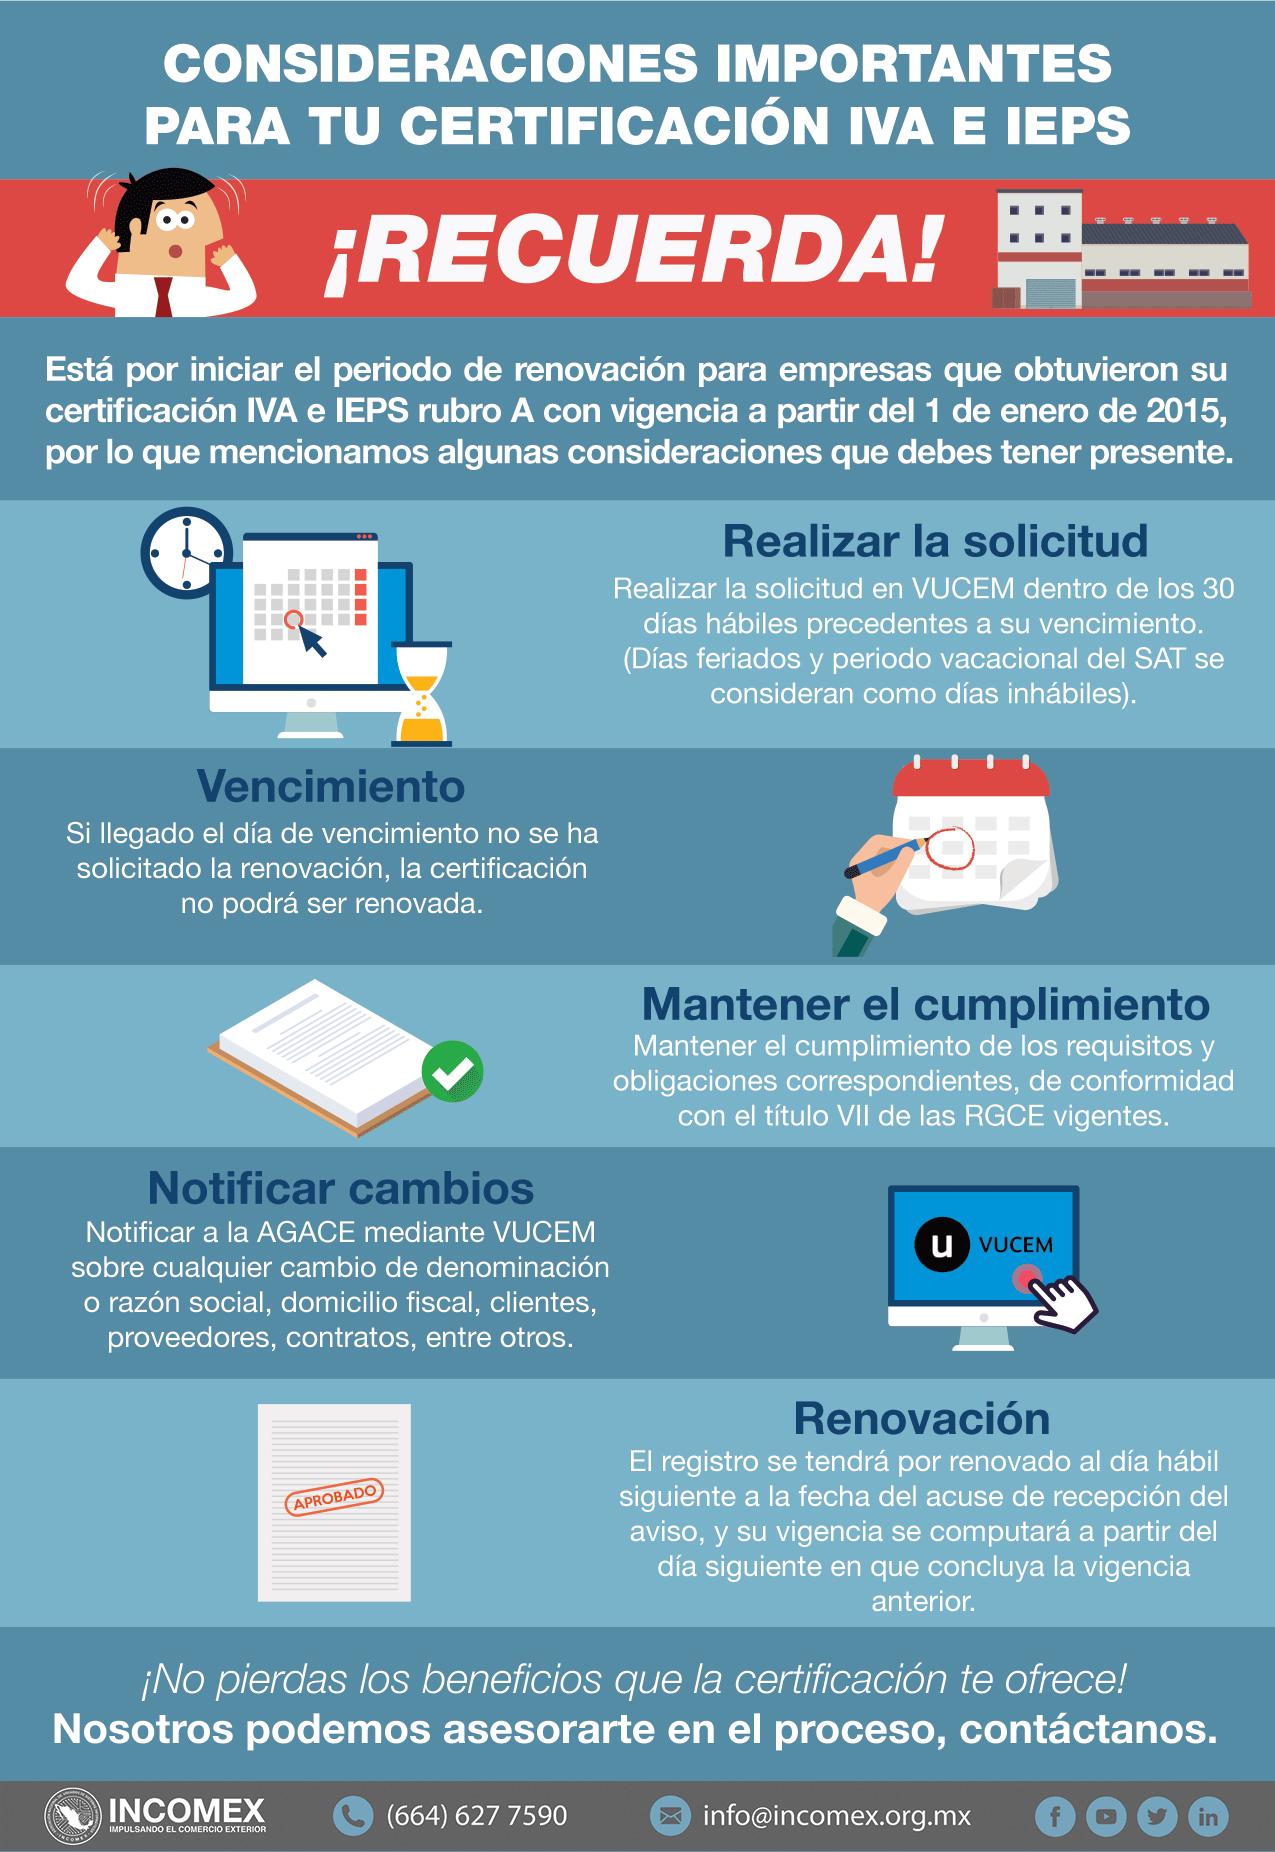 Consideraciones importantes para la certificación IVA e IEPS